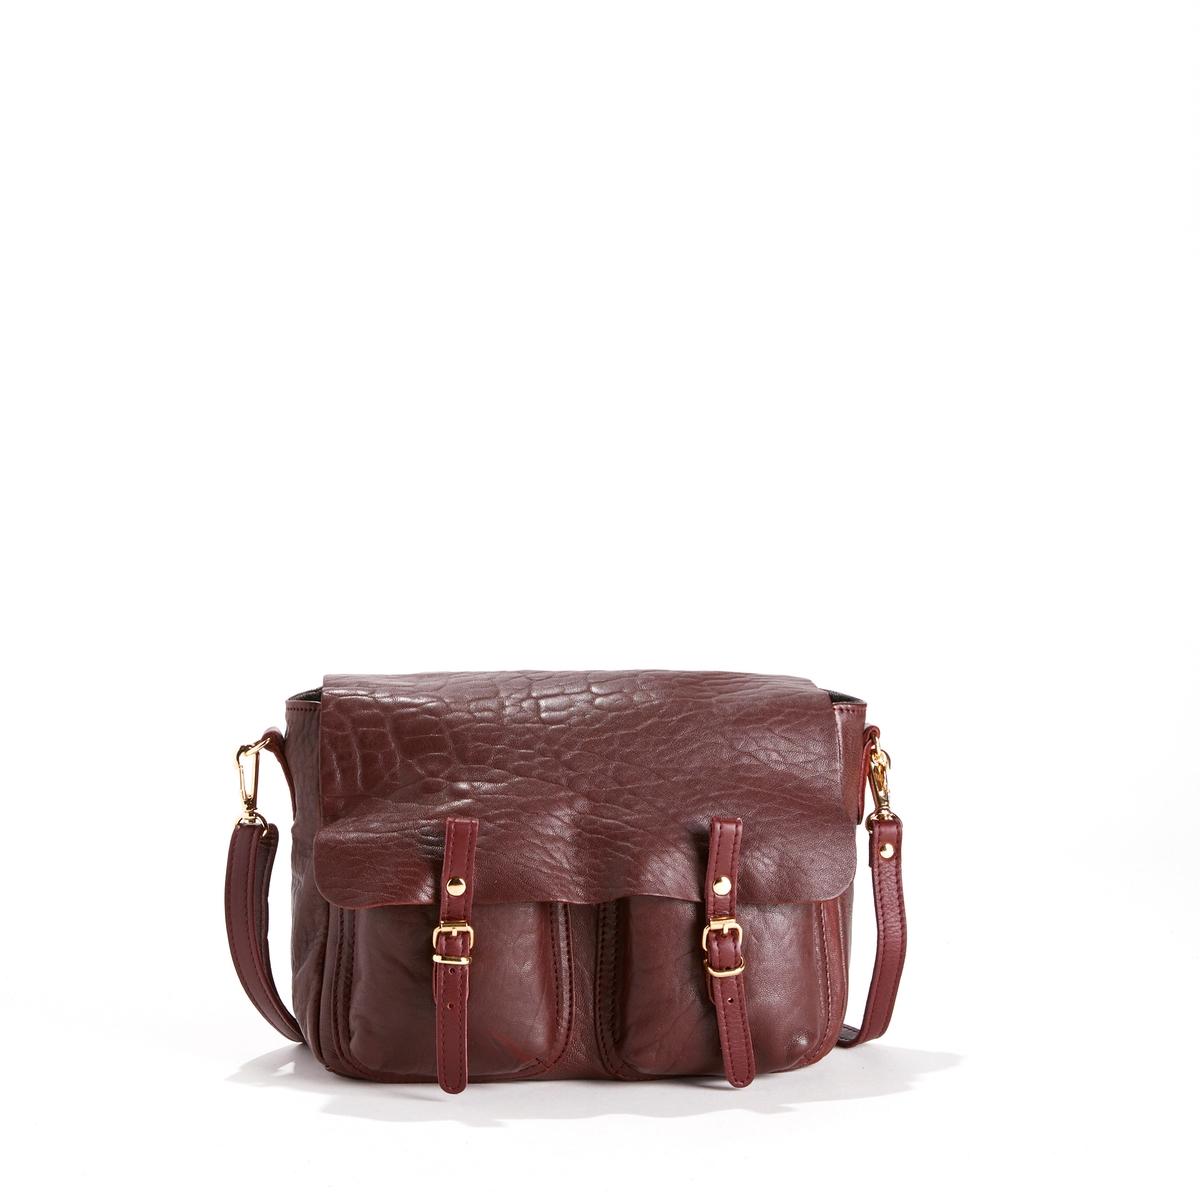 Сумка из кожи и ткани MINI MATHSОписание:Двусторонняя сумка CRAIE  - модель MINI MATHS CUIR BUBBLE с модулируемыми деталями из кожи и ткани.Детали    •  Двусторонняя и модулируемая при помощи кнопок сумка-портфель •  Можно носить в руке, на плече или как рюкзак благодаря съемной ручке, плечевому ремню и кольцу •  Застежка на 2 кнопки со взаимозаменяемыми пряжками •  Карманы с клапанами •  2 небольших кармана с изнаночной стороны. •  Размеры 26 x 18 x 8 см: маленькая модельСостав и уход    •  Овечья кожа •  Подкладка из хлопковой ткани  •  Следуйте советам по уходу, указанным на этикетке<br><br>Цвет: бордовый,черный